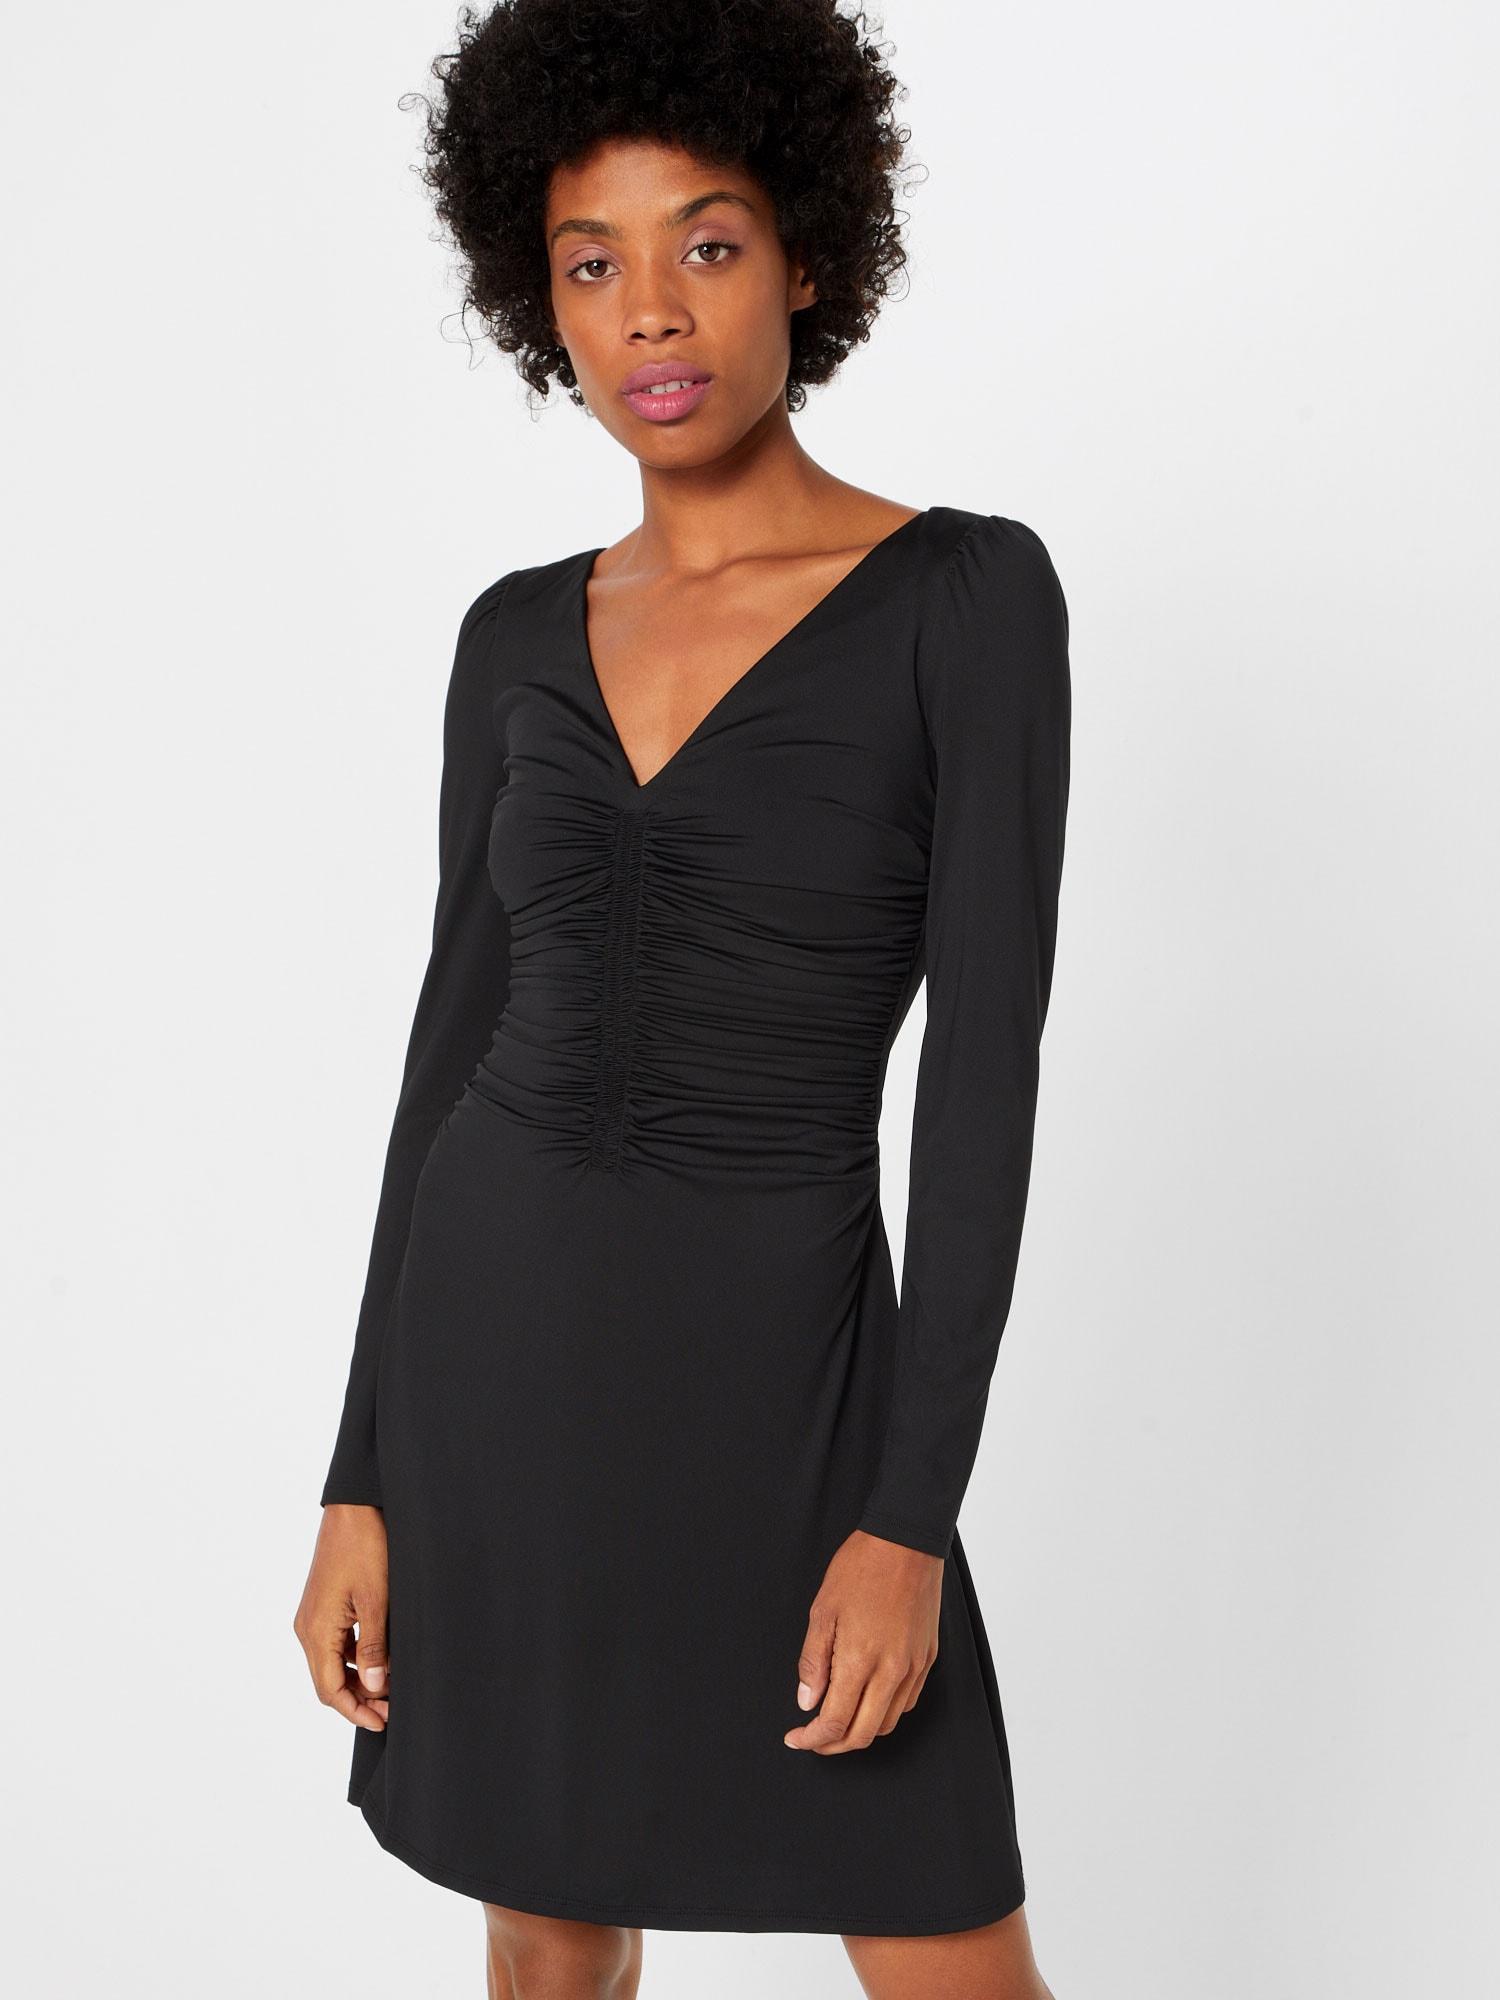 GUESS Kleid schwarz - Schwarzes Kleid